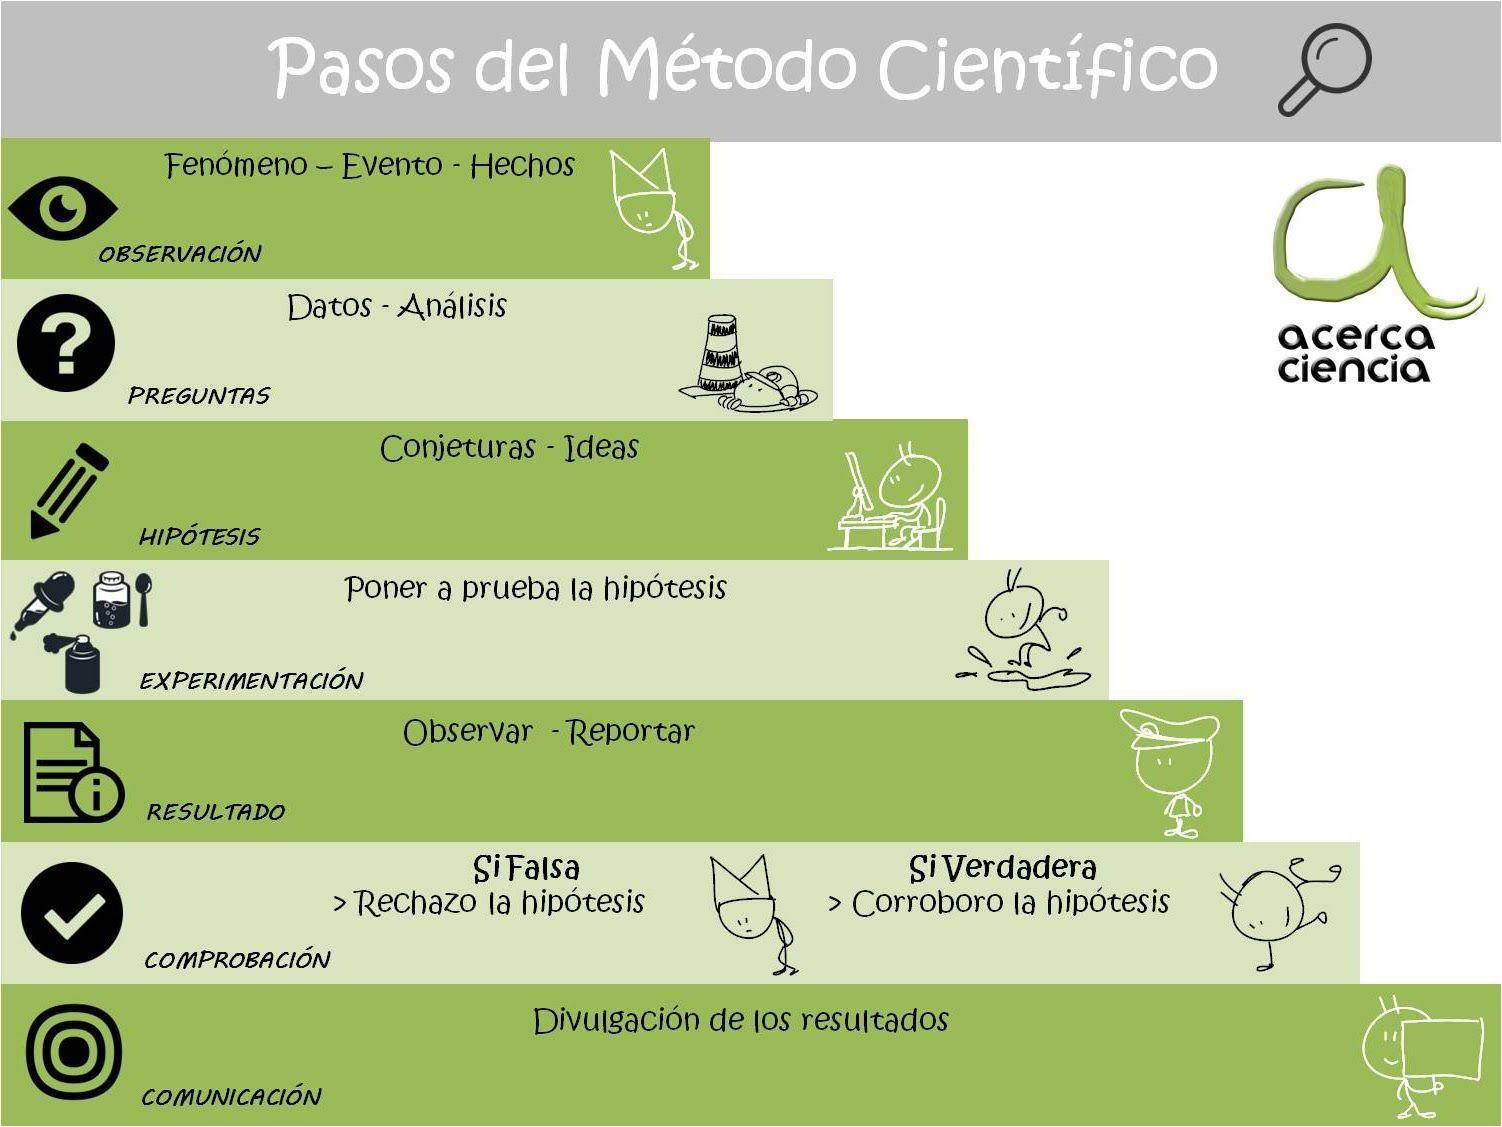 Pasos Del Metodo Cientifico Nuevo Metodo Cientifico Centro De Ciencias Cientificos